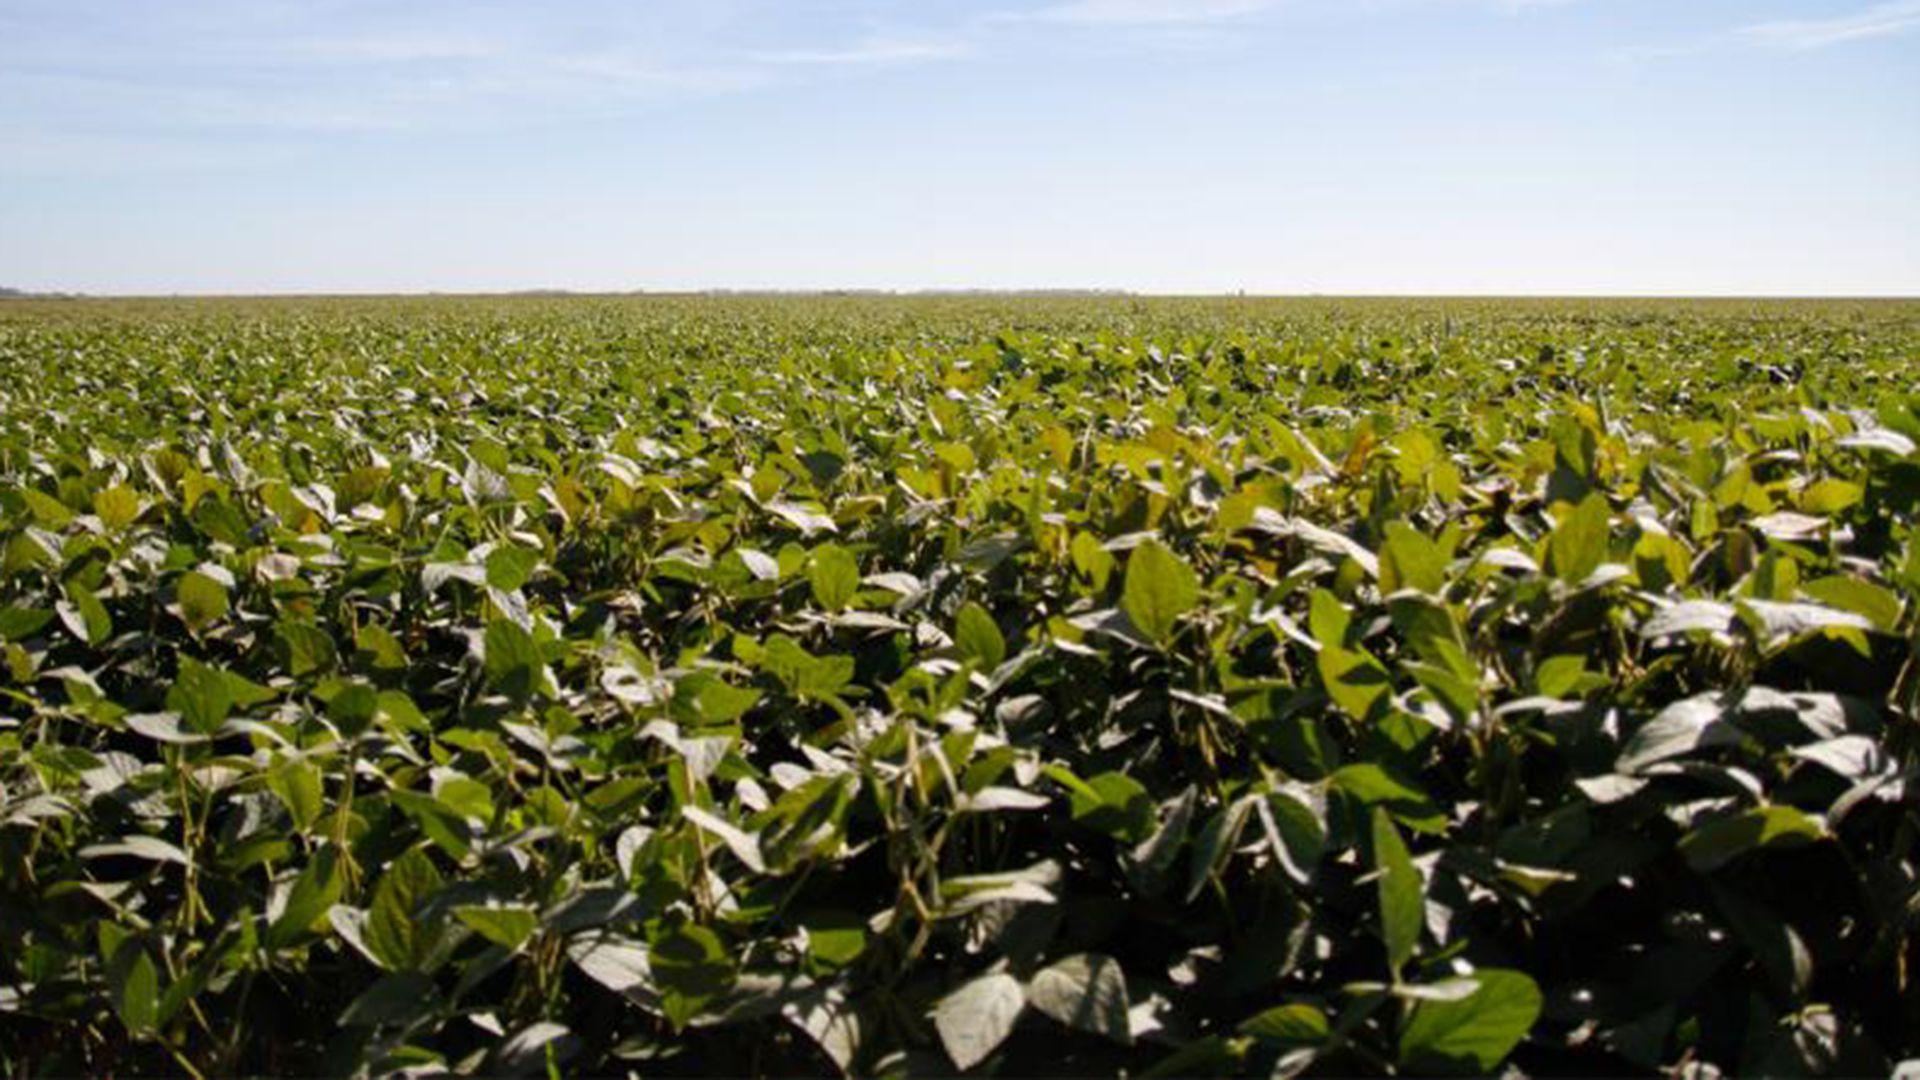 Analistas del mercado de granos realizaron recomendaciones para aprovechar este contexto de mejora de los precios